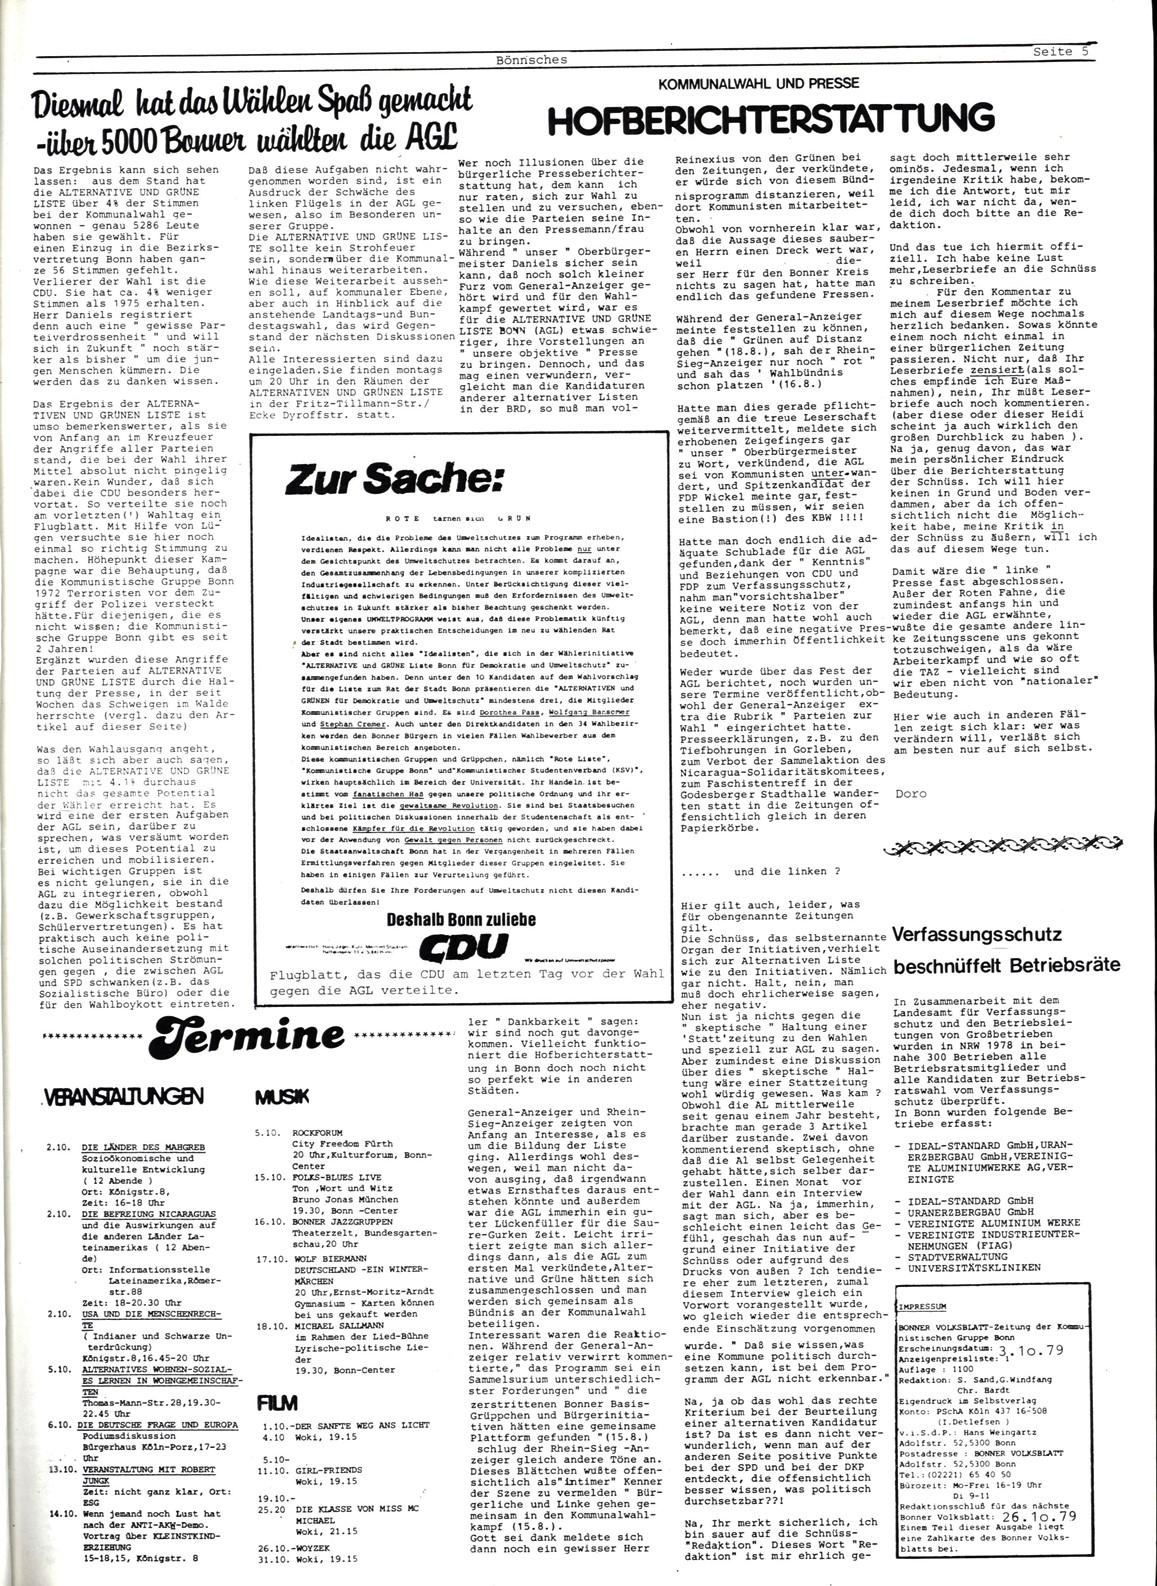 Bonner_Volksblatt_28_19791003_05